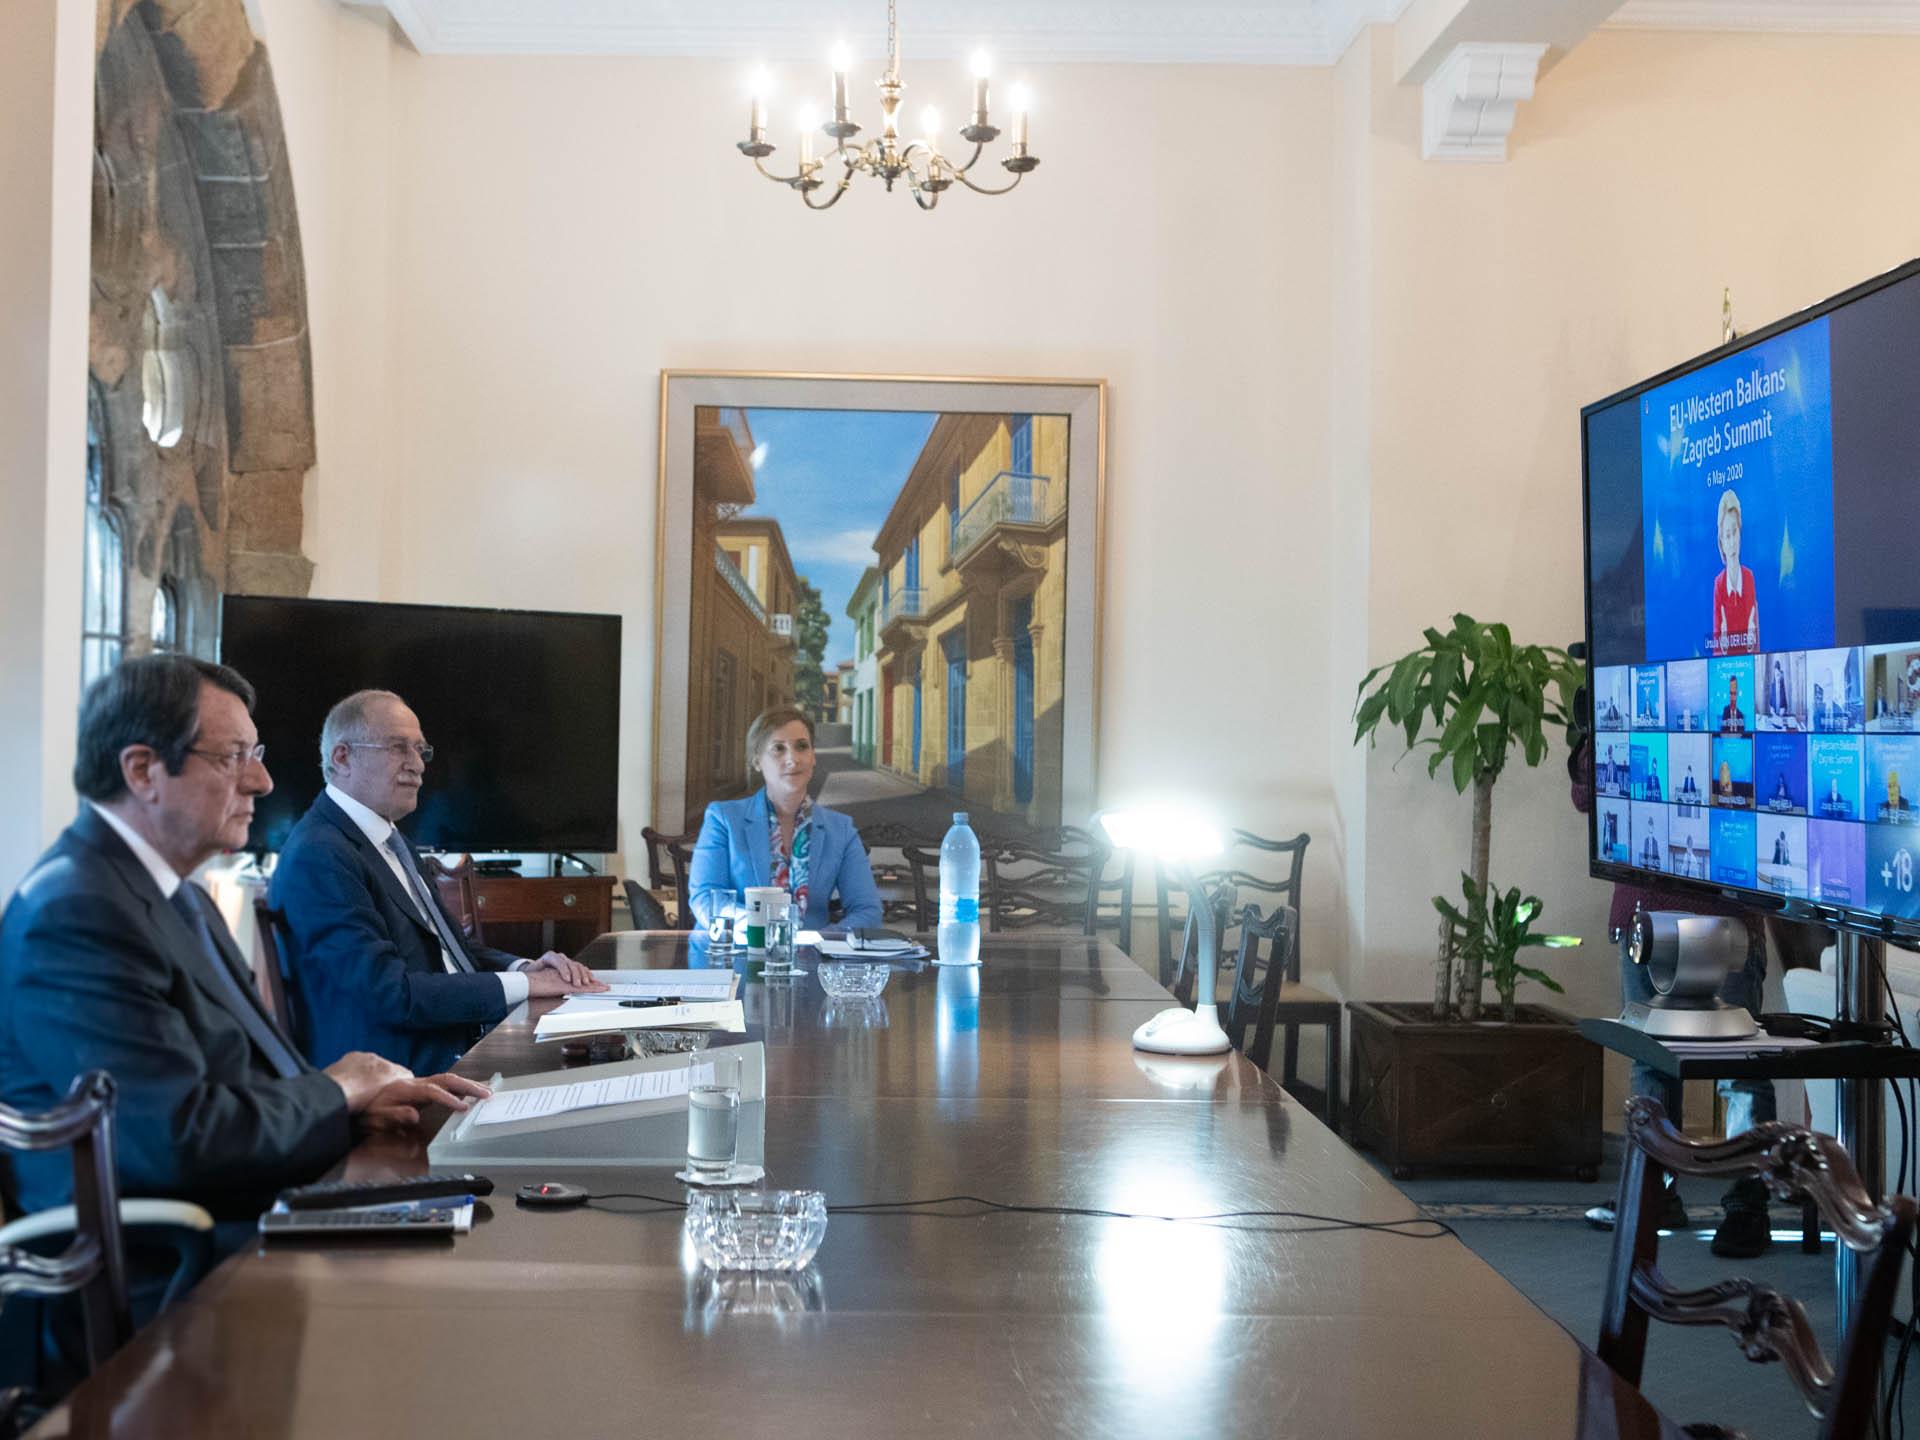 Κύπρος: Στην τηλεδιάσκεψη της Συνόδου ΕΕ-Δυτικών Βαλκανίων συμμετείχε ο Αναστασιάδης